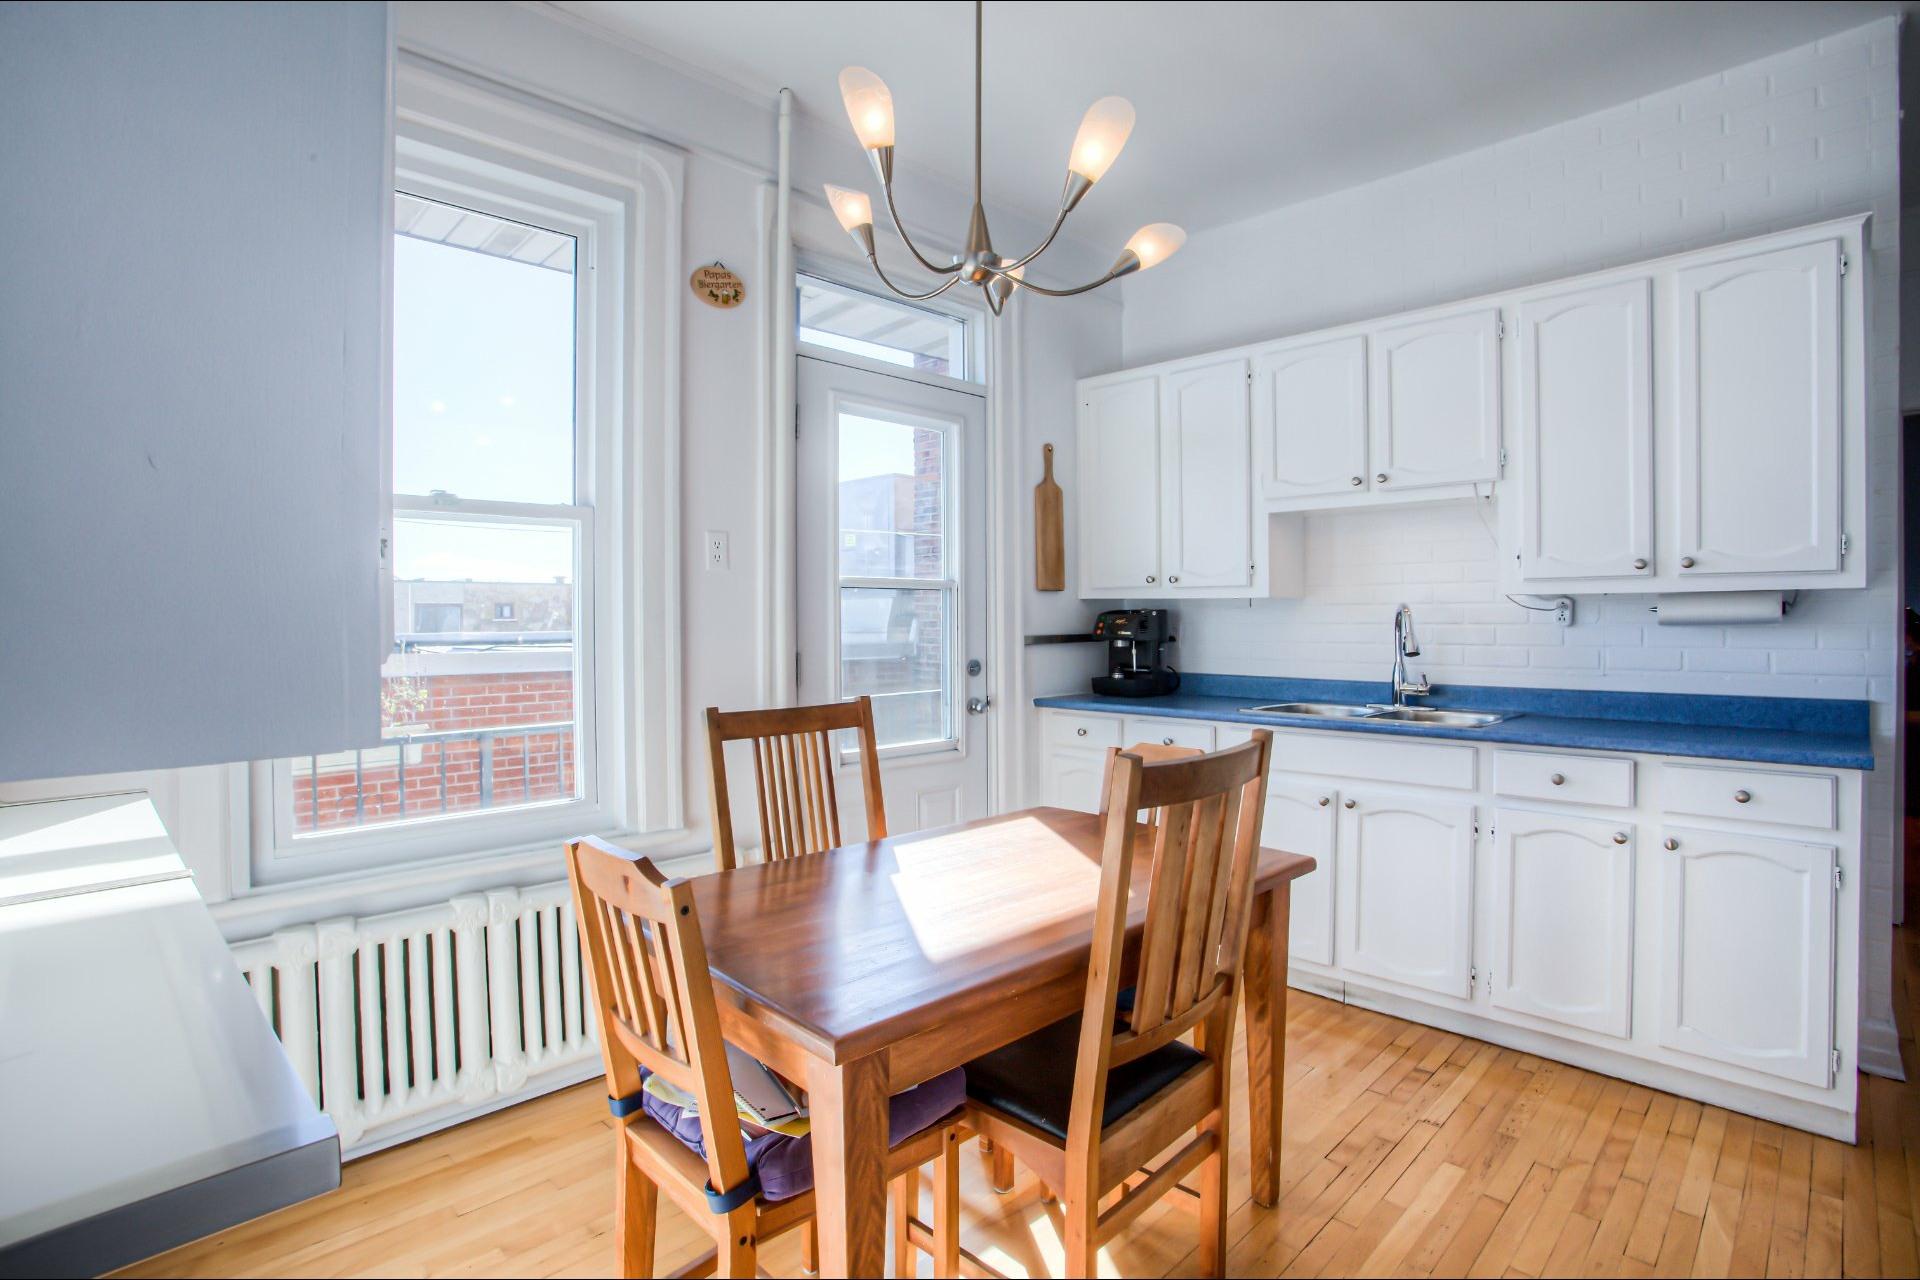 image 15 - Appartement À vendre Rosemont/La Petite-Patrie Montréal  - 8 pièces